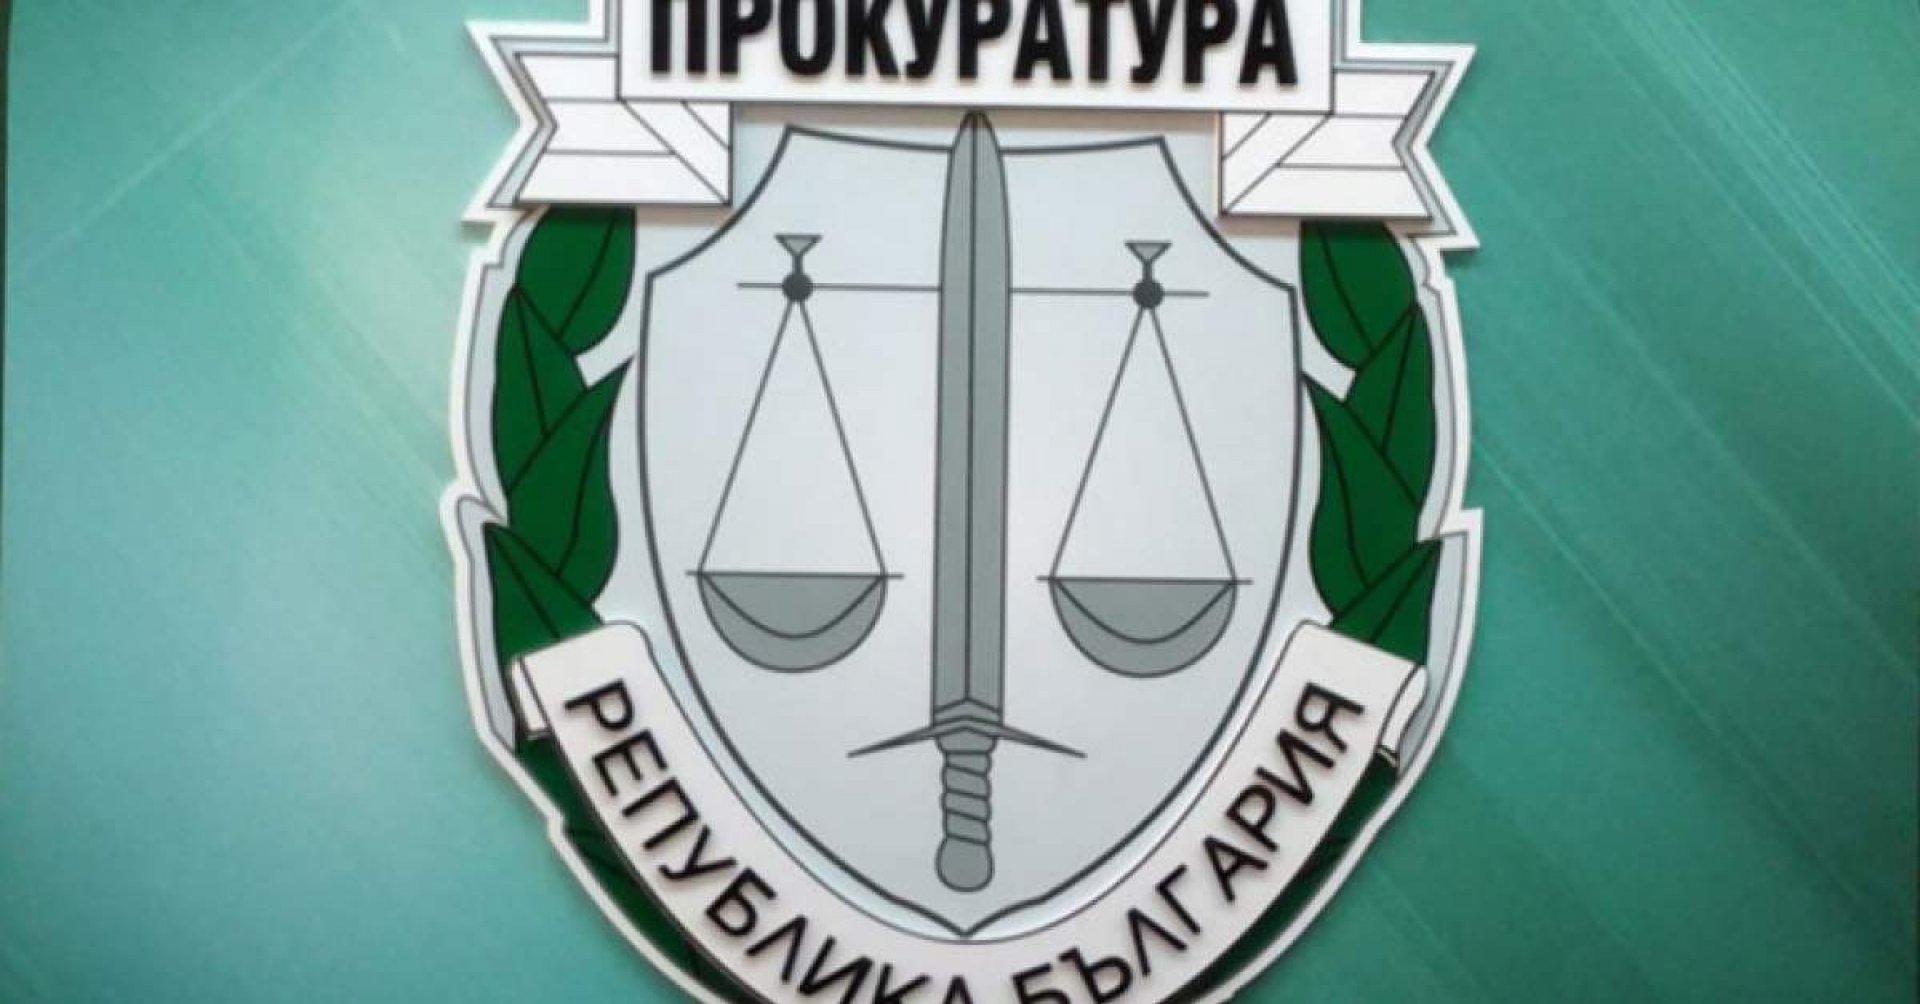 Досъдебното производство е започнато от Областна дирекция на МВР - Бургас